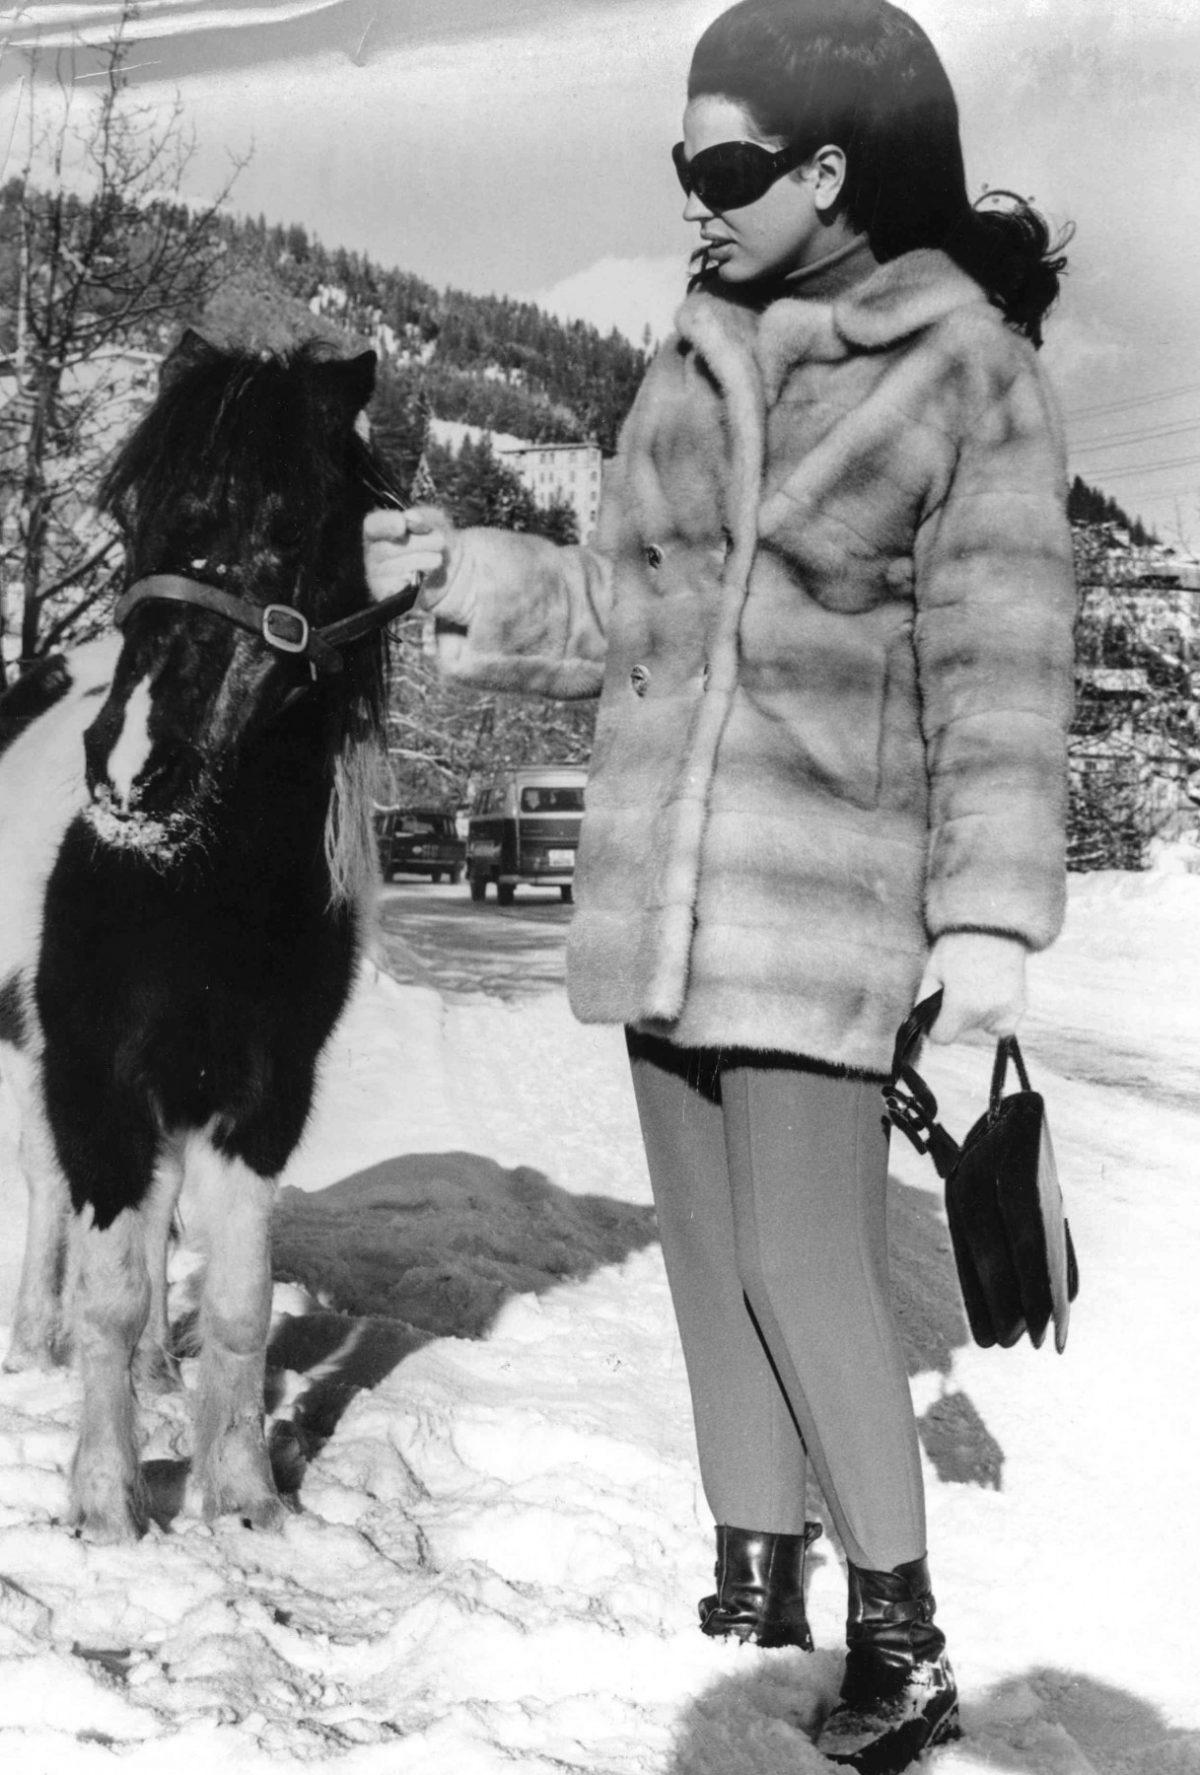 Princess Ira von Furstenberg in snow in St. Moritz